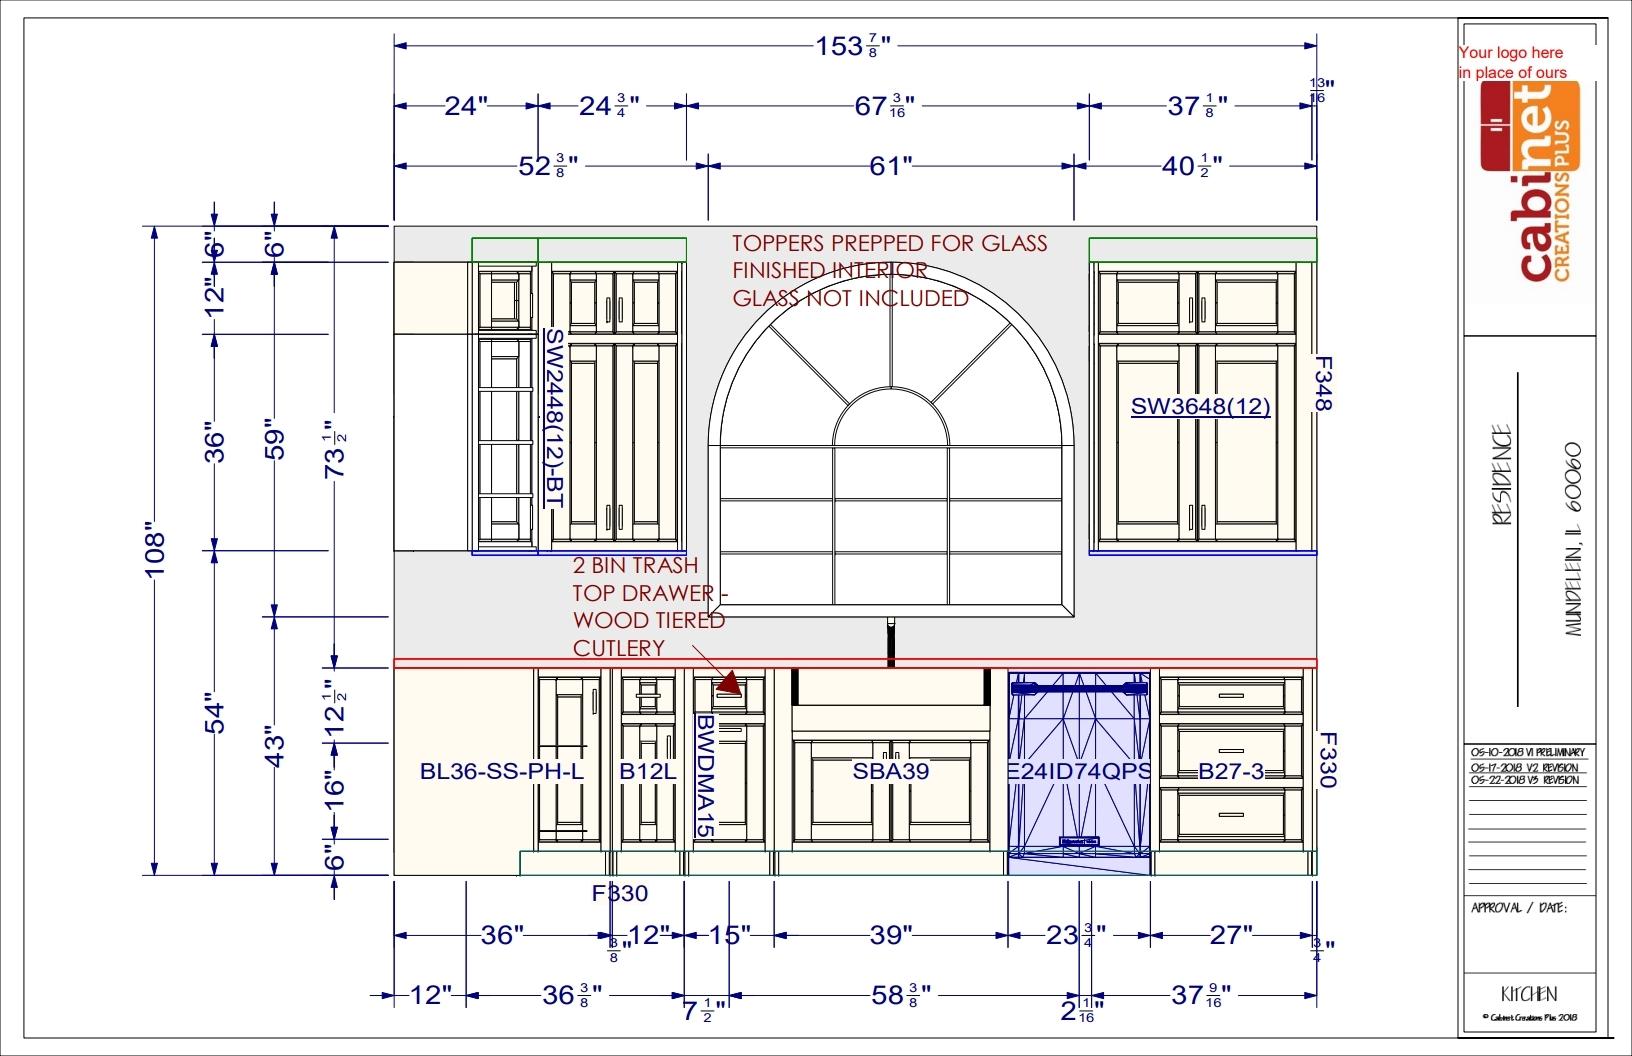 CABINET-CREATIONS-PLUS-SAMPLE-PLANS-Copy.pdf_page_08